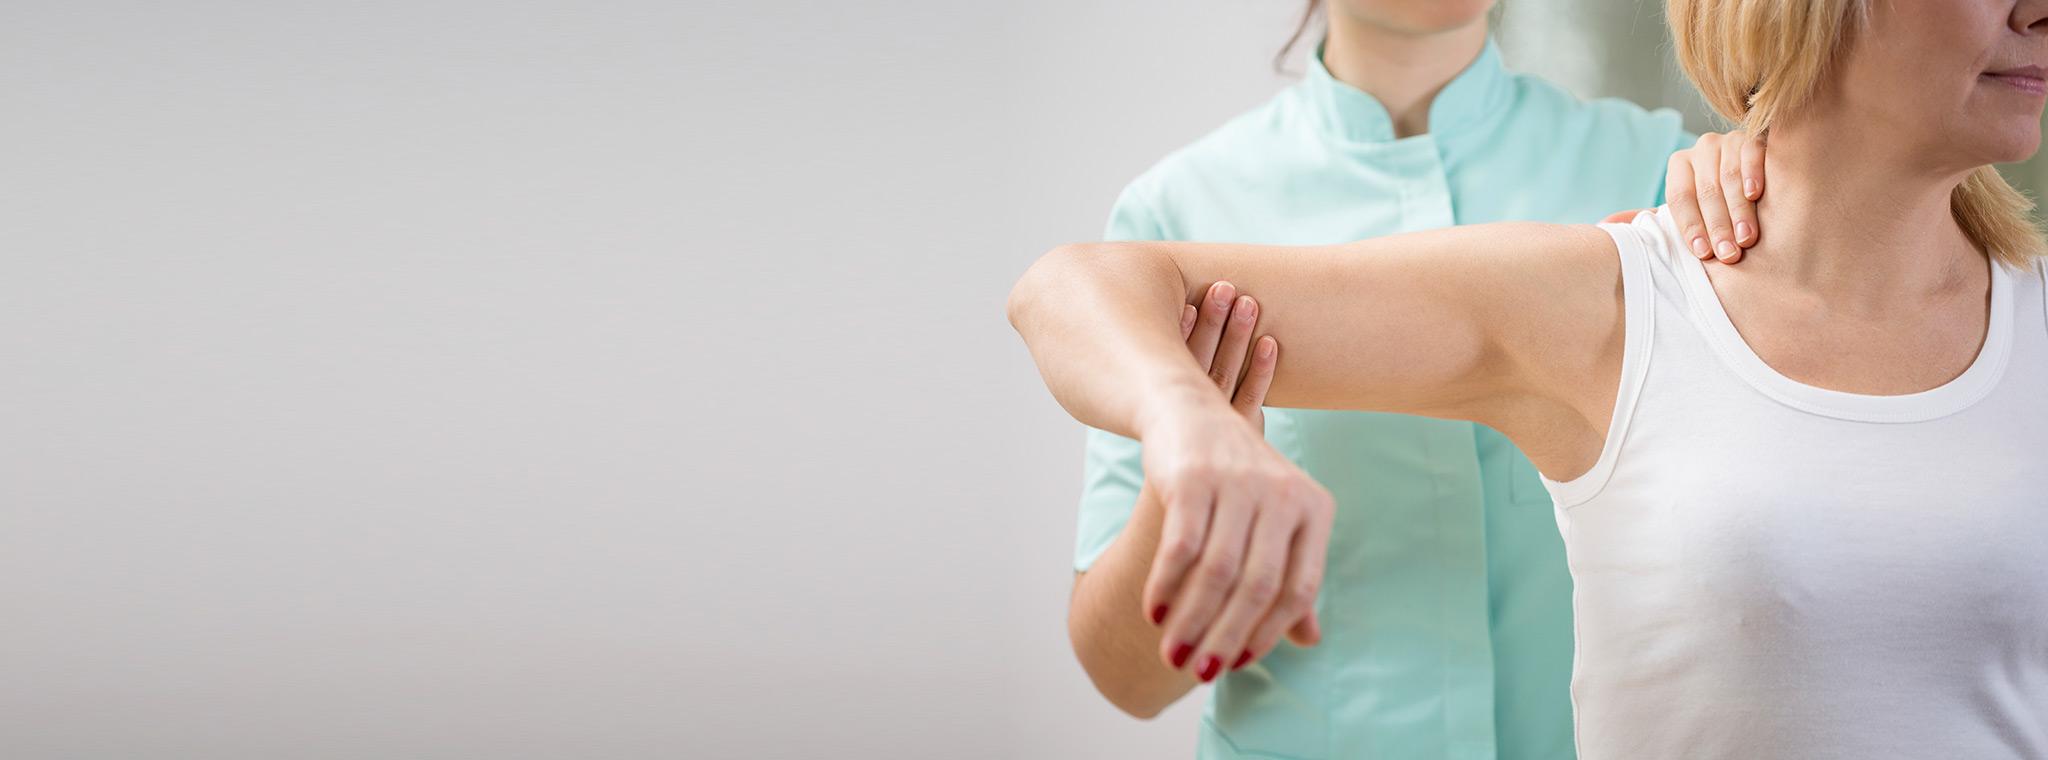 Rehabilitacja, której <span>możesz zaufać</span>